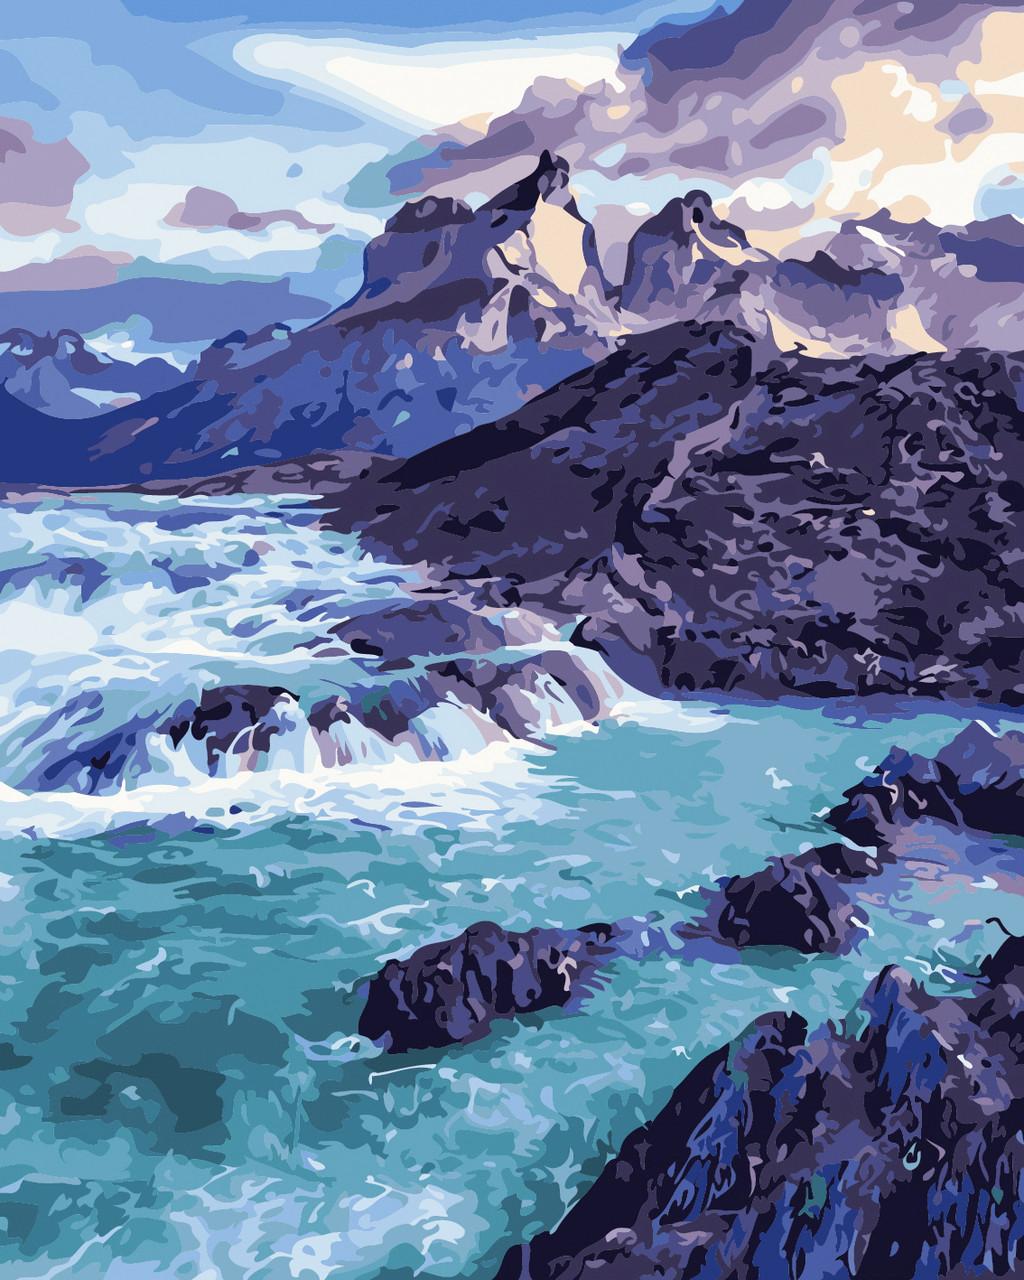 Художественный творческий набор, картина по номерам Прибрежные скалы, 40x50 см, «Art Story» (AS0375)